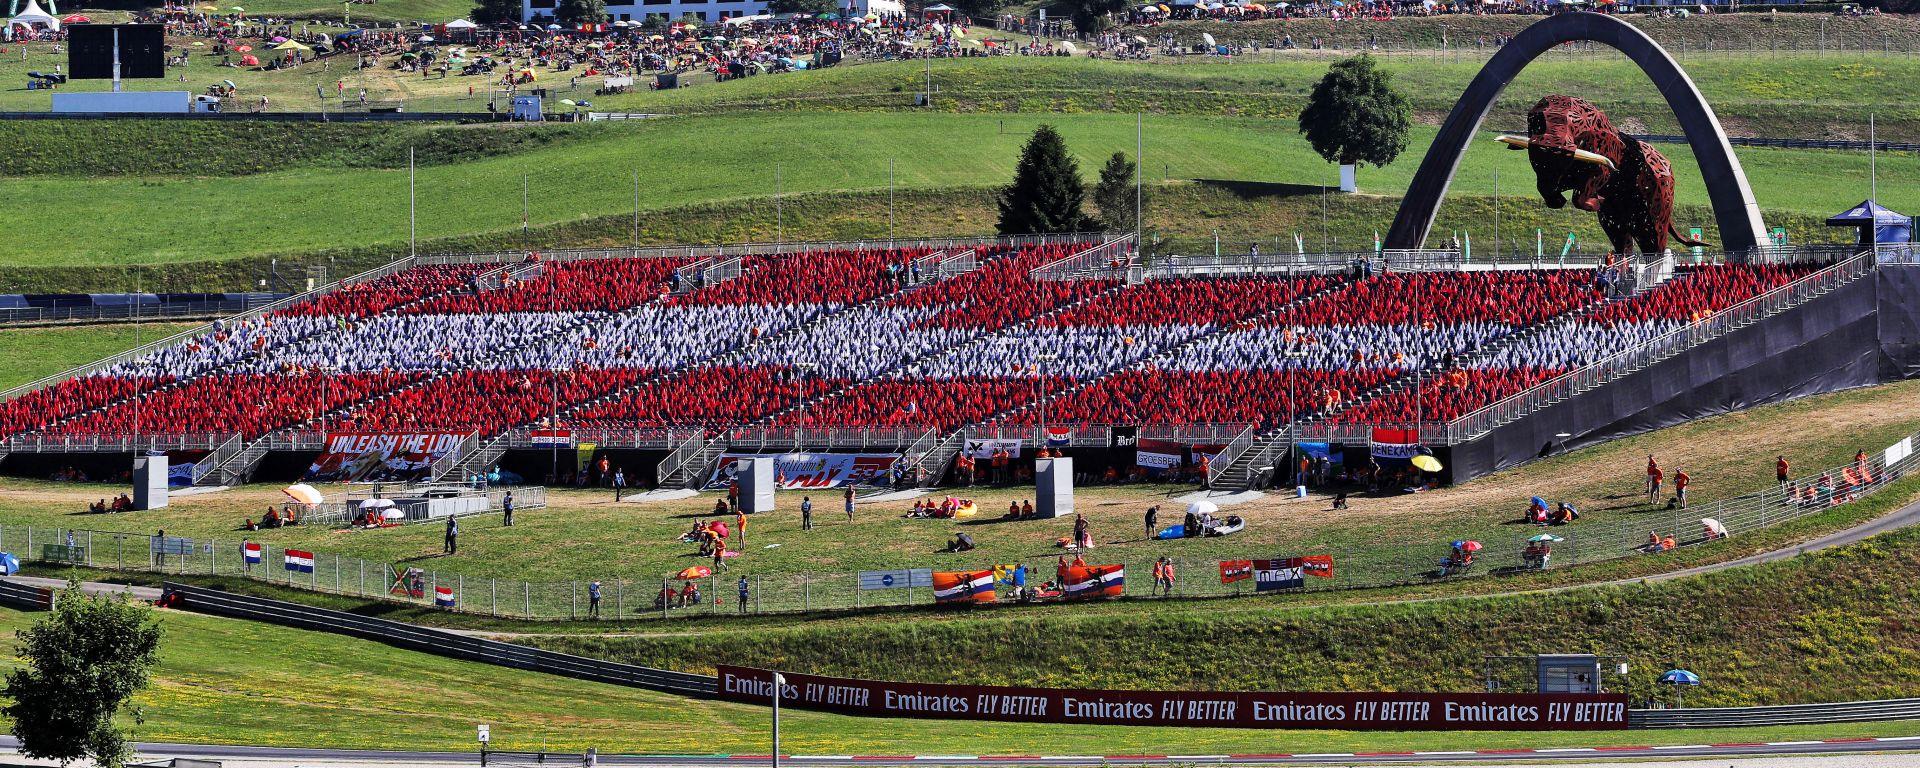 F1 GP Austria 2019, Spielberg: il Red Bull Ring ospita la partenza del mondiale F1 2020